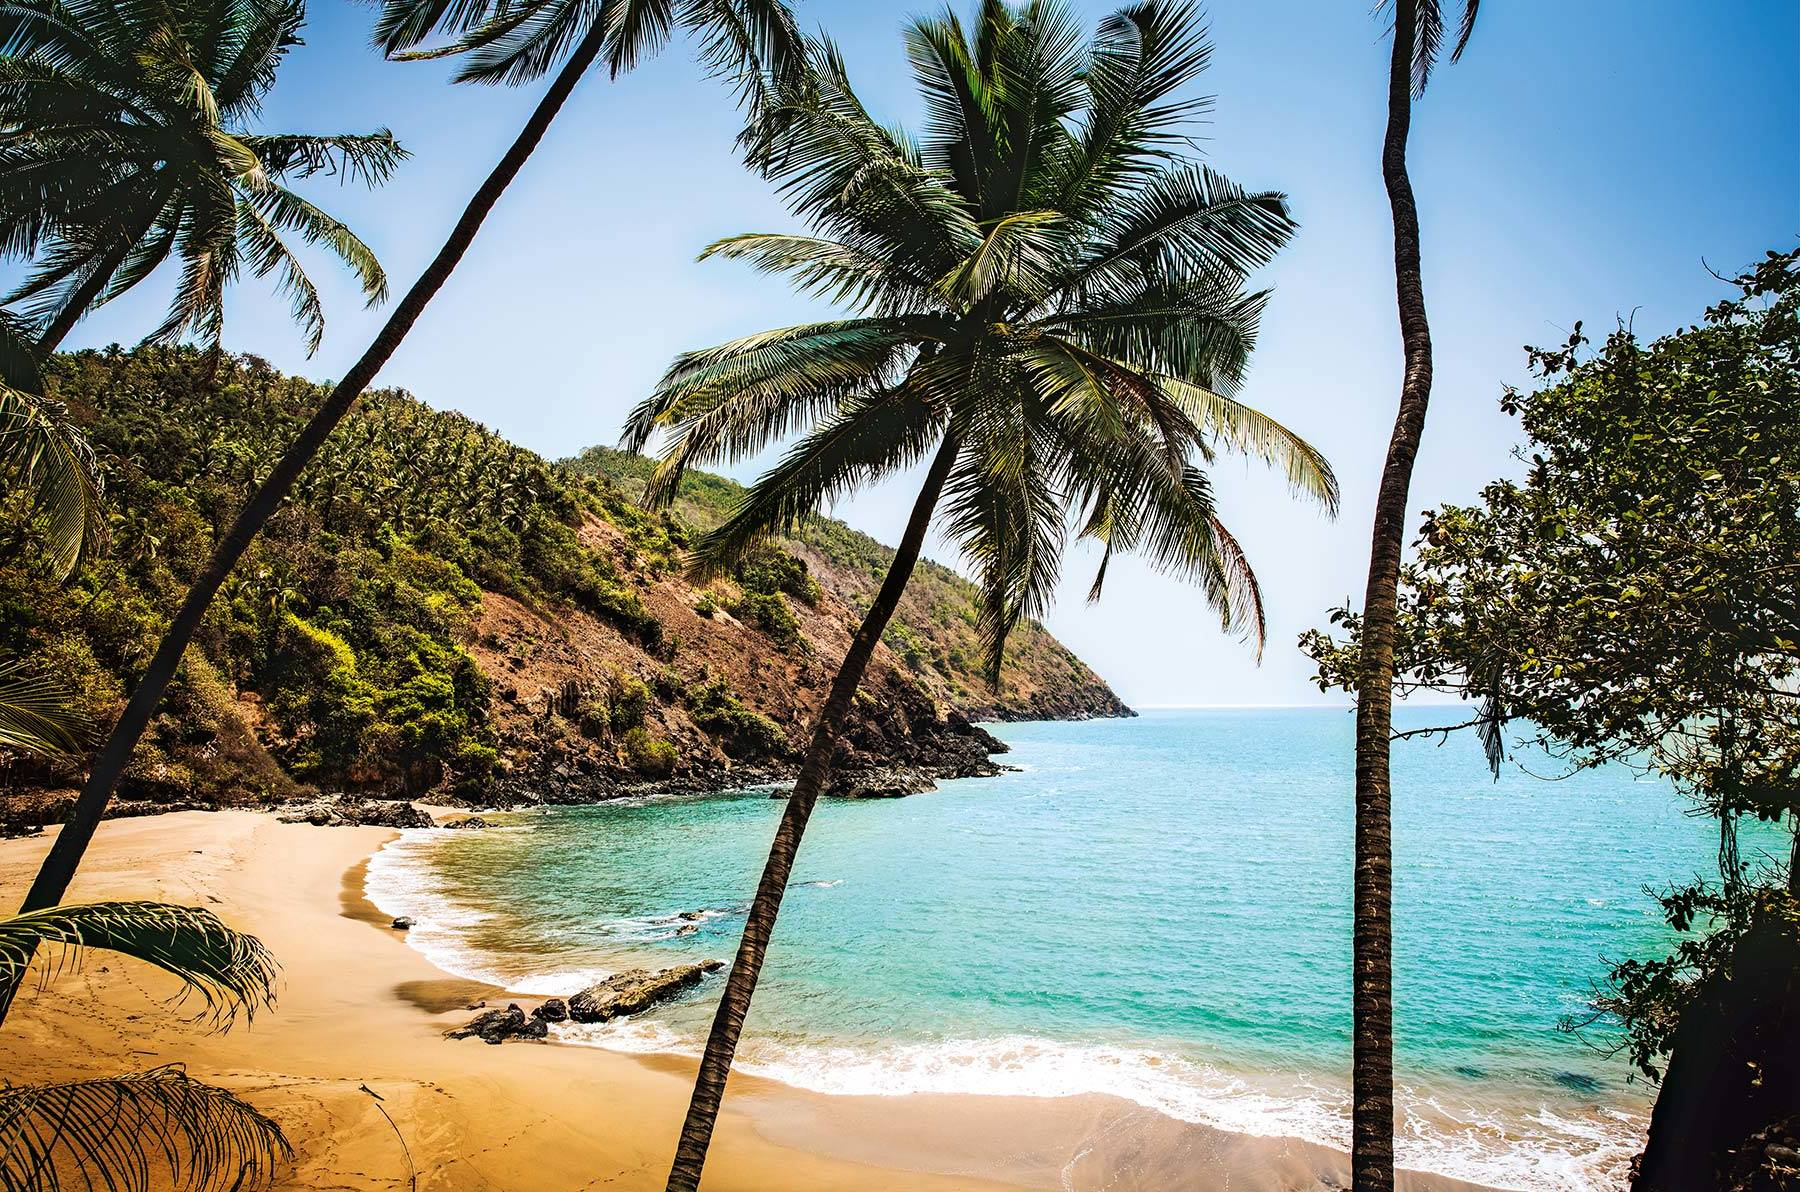 Крошечный пляж Kakolem неподалеку от португальского форта Cabo de Rama